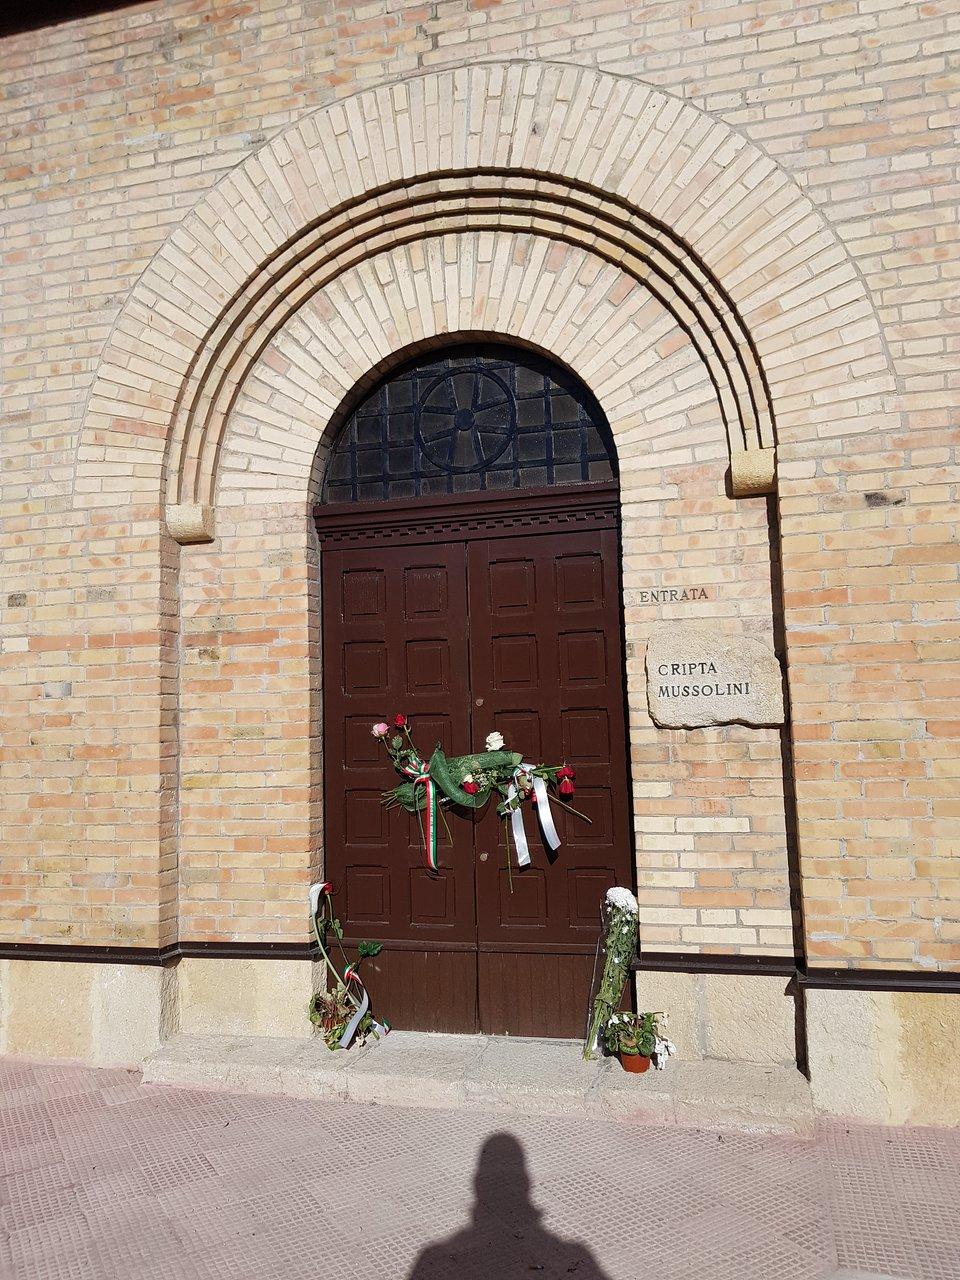 Cimitero Monumentale Predappio Fc cripta di benito mussolini (predappio) - 2020 all you need